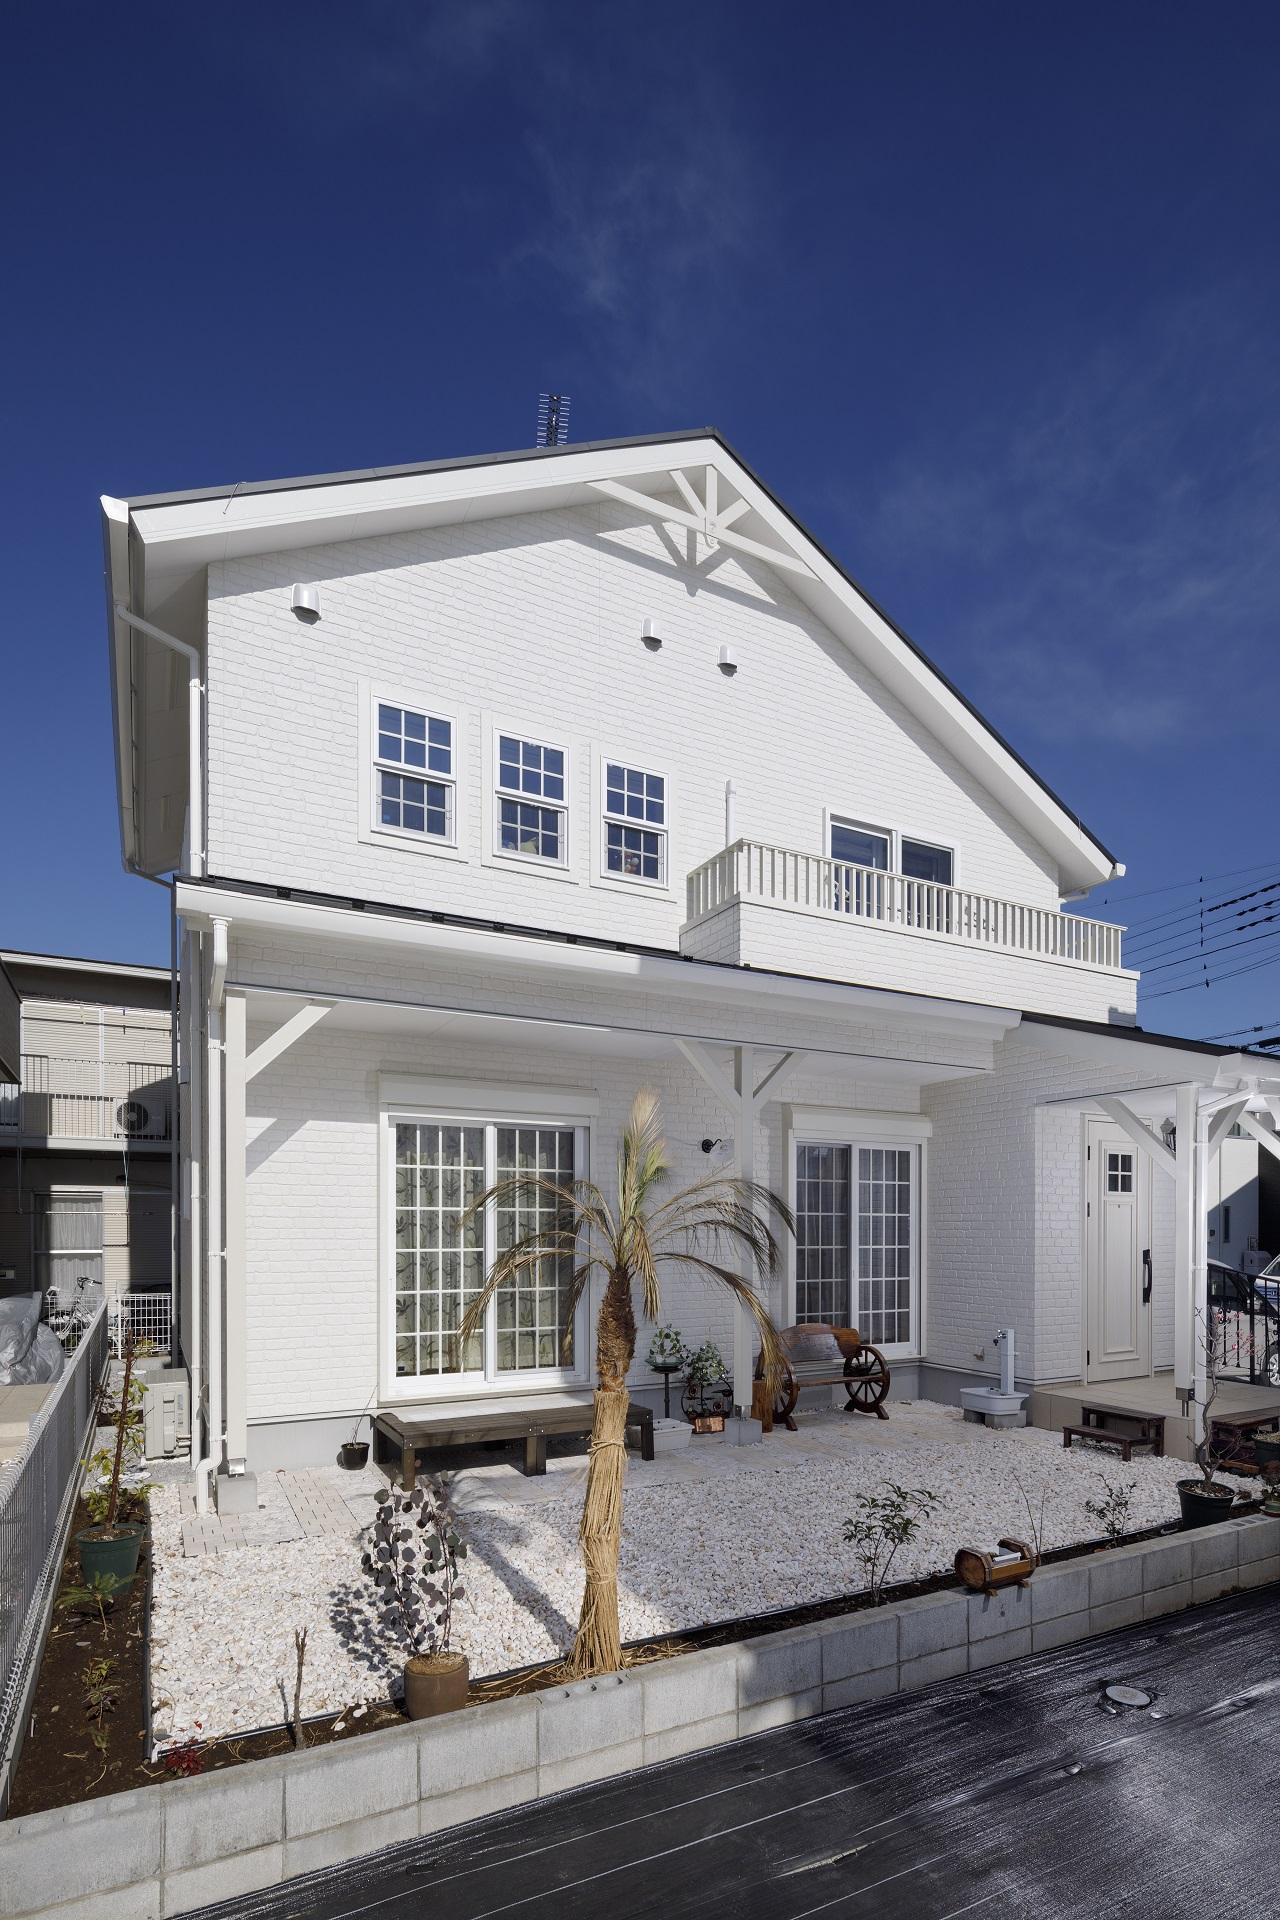 ミュージックスタジオがあるアーリーアメリカン住宅メイン画像